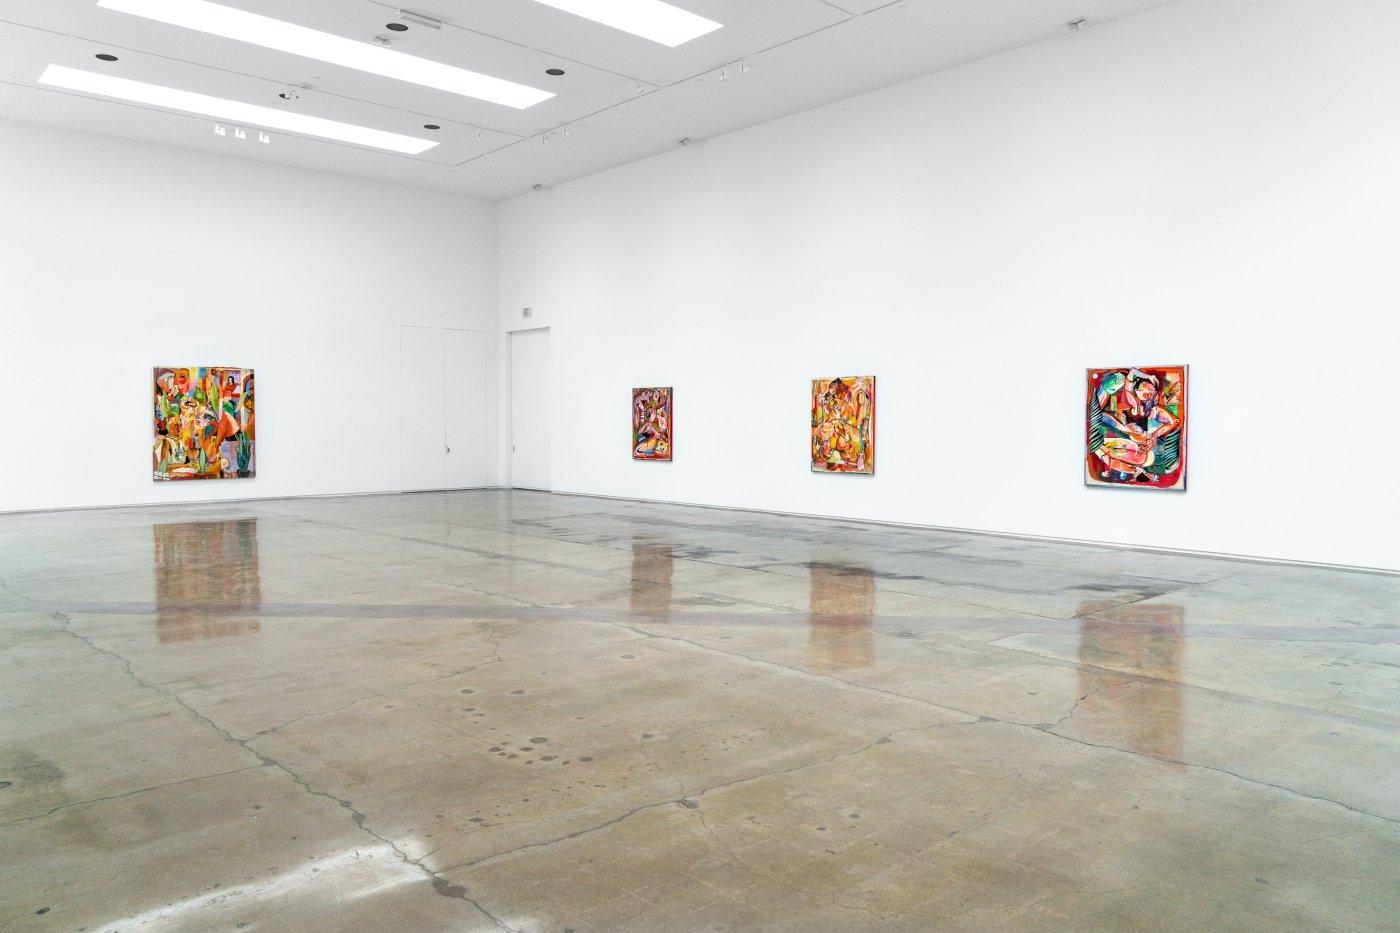 Kohn Gallery Kate Barbee 4